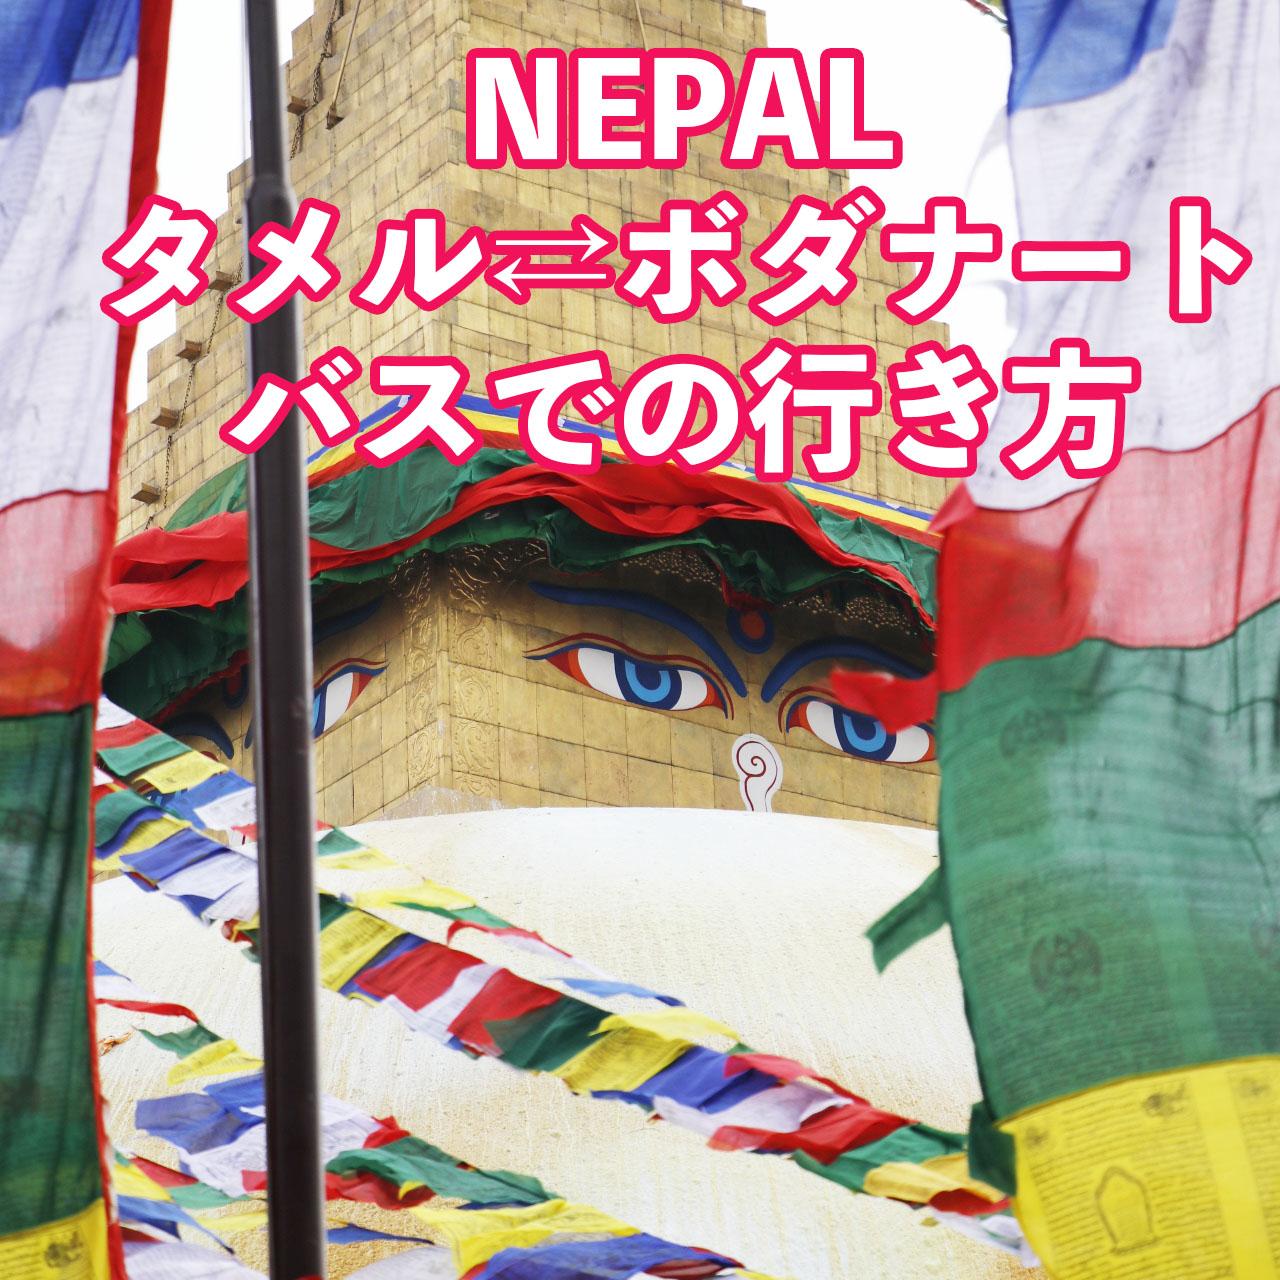 【ネパール旅】カトマンズのタメルからボダナートへのローカルバスでの行き方